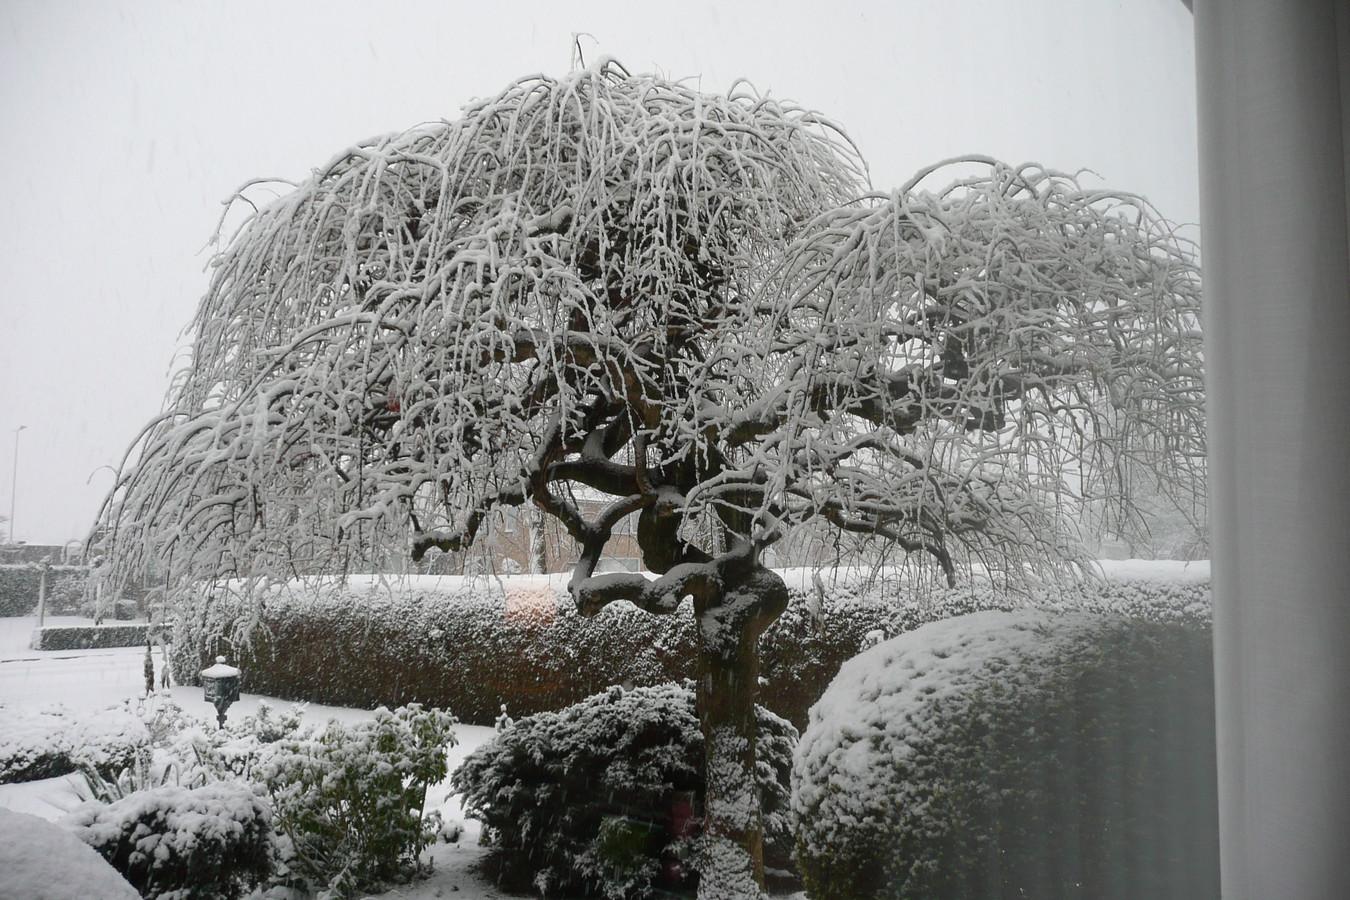 Prachtig plaatje! Een besneeuwde treurhoningboom in de Dorpsstraat in Loosbroek.